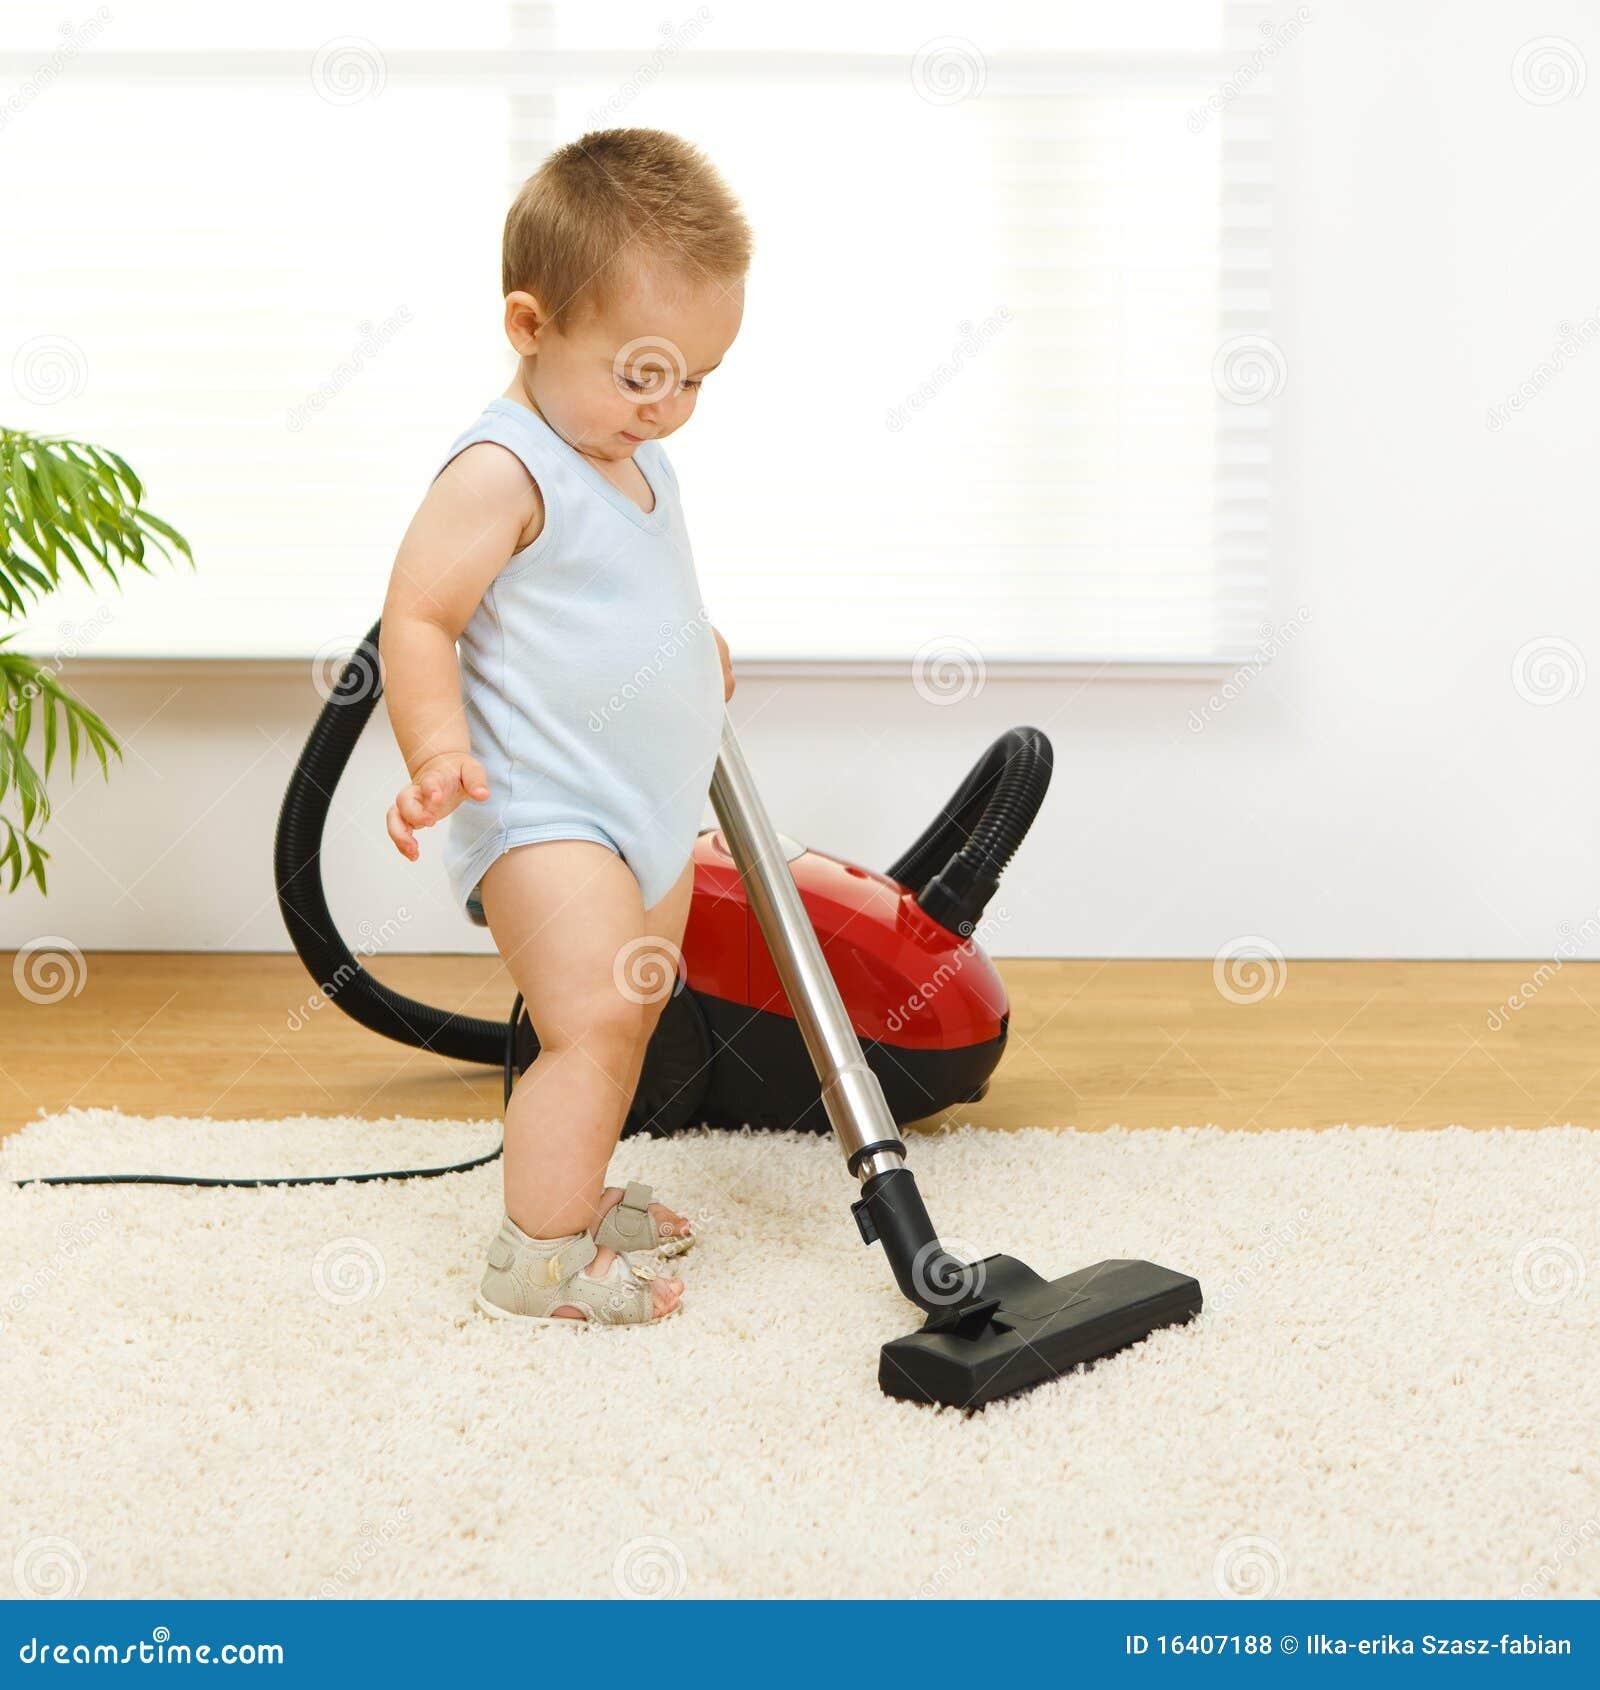 Baby Mit Staubsauger Lizenzfreie Stockfotos  Bild 16407188 -> Staubsauger English